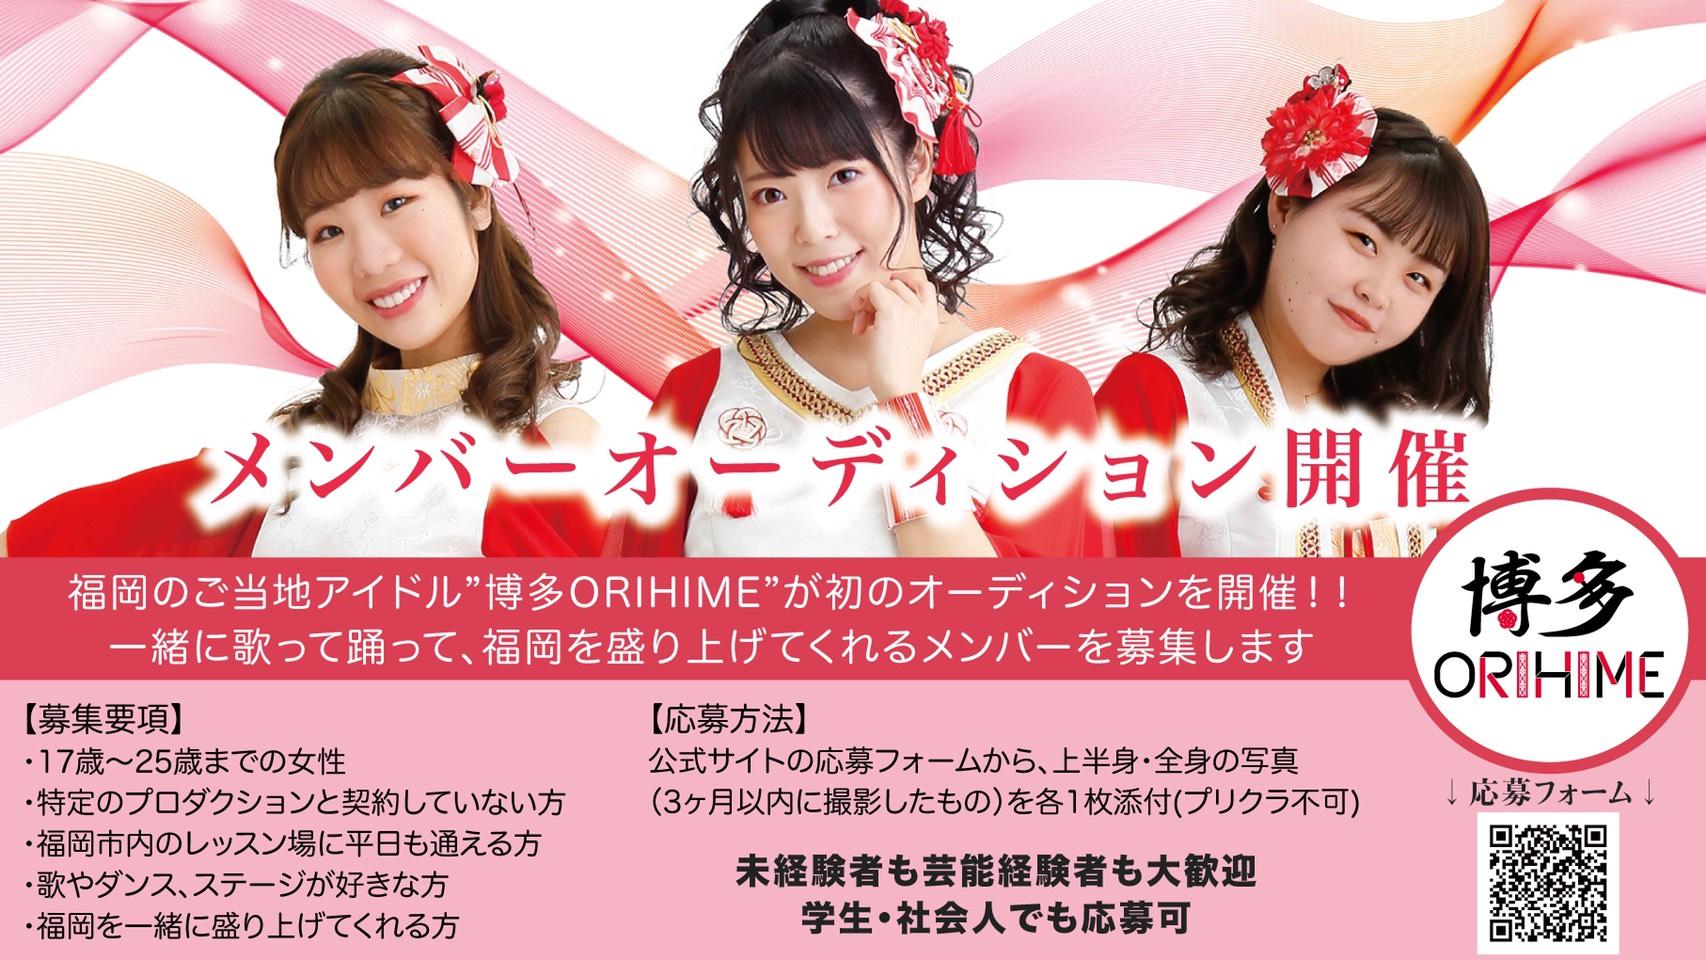 オーディション 博多ORIHIME 新メンバー募集 福岡でアイドル活動! 一緒に地元を盛り上げてくれる方を募集します 主催:オフィス・アイ、カテゴリ:アイドル(東京以外)